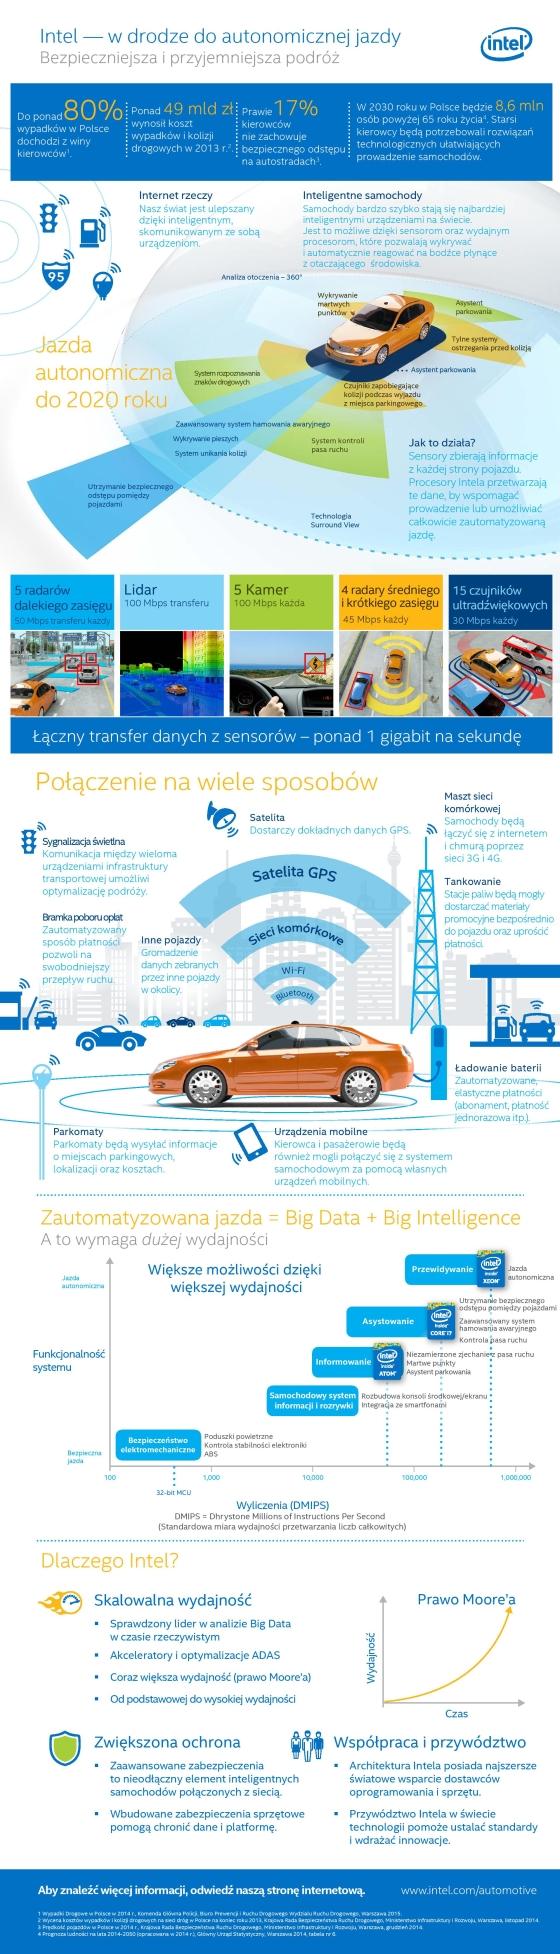 Intel_W drodze do bezpiecznej i autonomicznej jazdy_Infografika-page-001